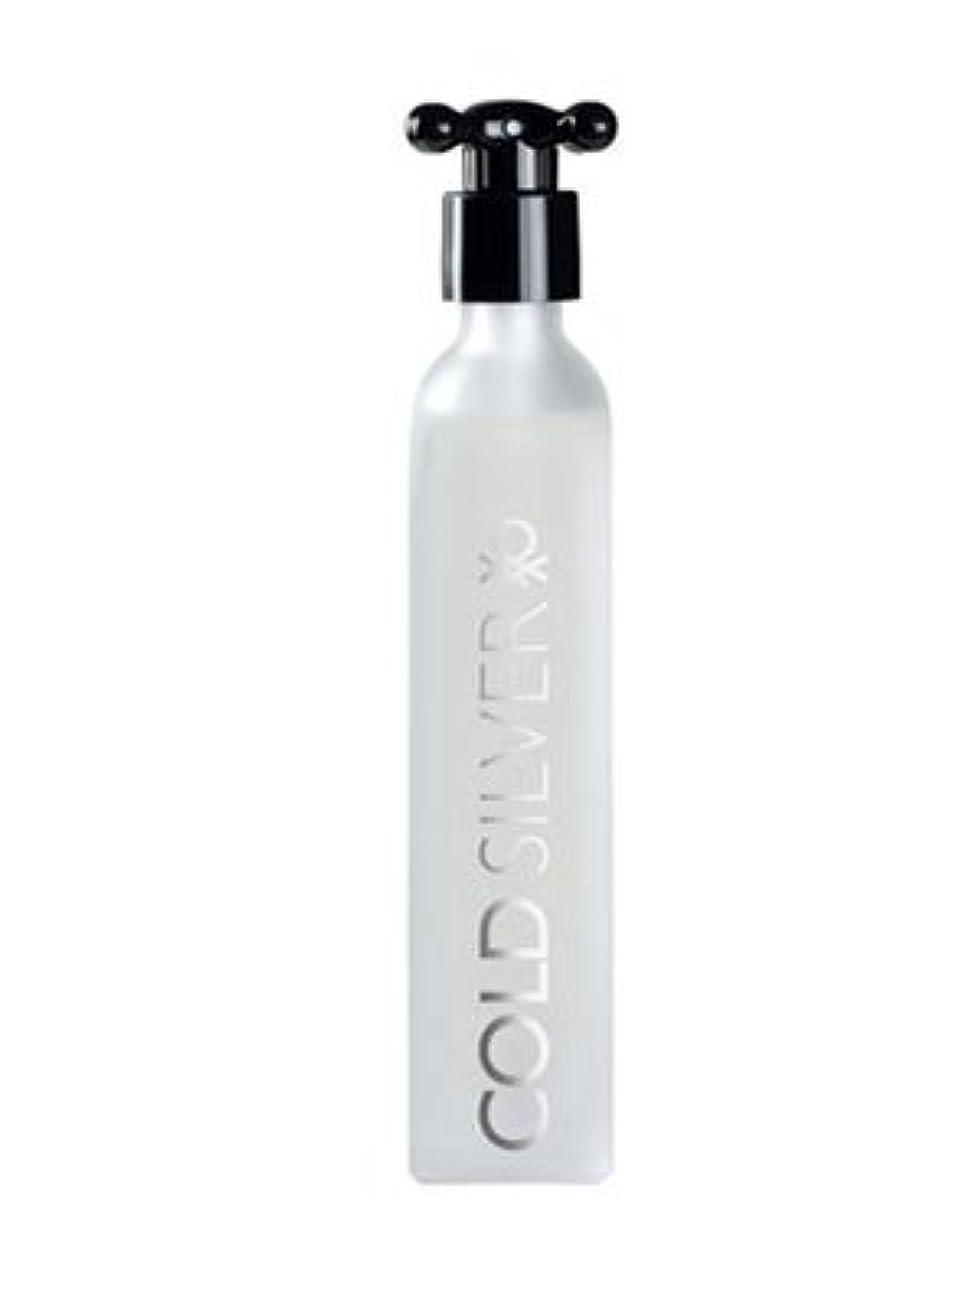 中傷サージ何かCold Silver (コールド シルバー) 3.3 oz (100ml) EDT Spray by Benetton for Men